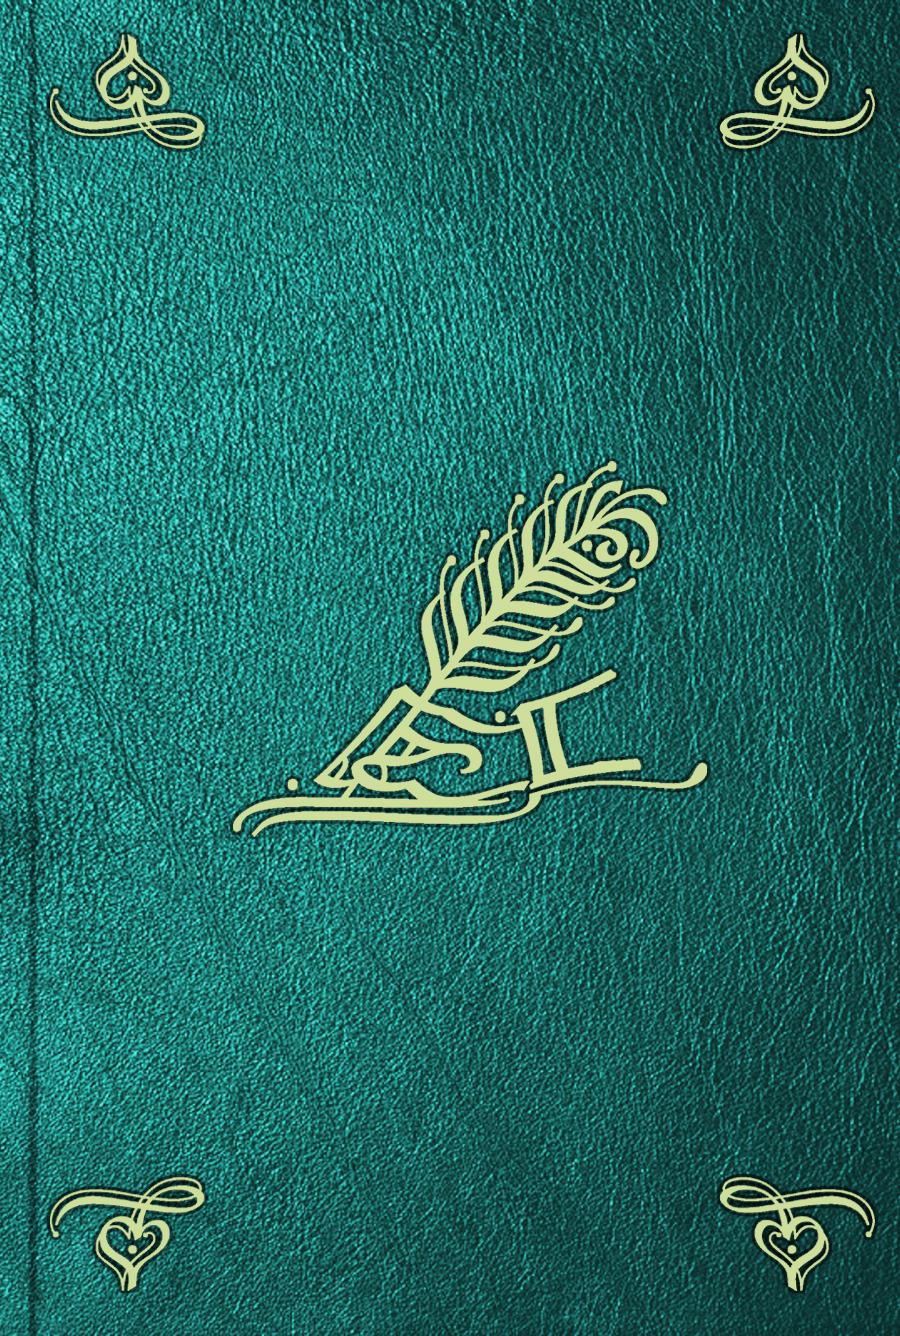 Pierre Nicolas Chantreau Voyage dans les trois royaumes d'Angleterre, d'Ecosse et d'Irlande. T. 2 la rochefoucauld liancourt f 1747 1827 voyage dans les etats unis d amerique fait en 1795 1796 et 1797 volume 1